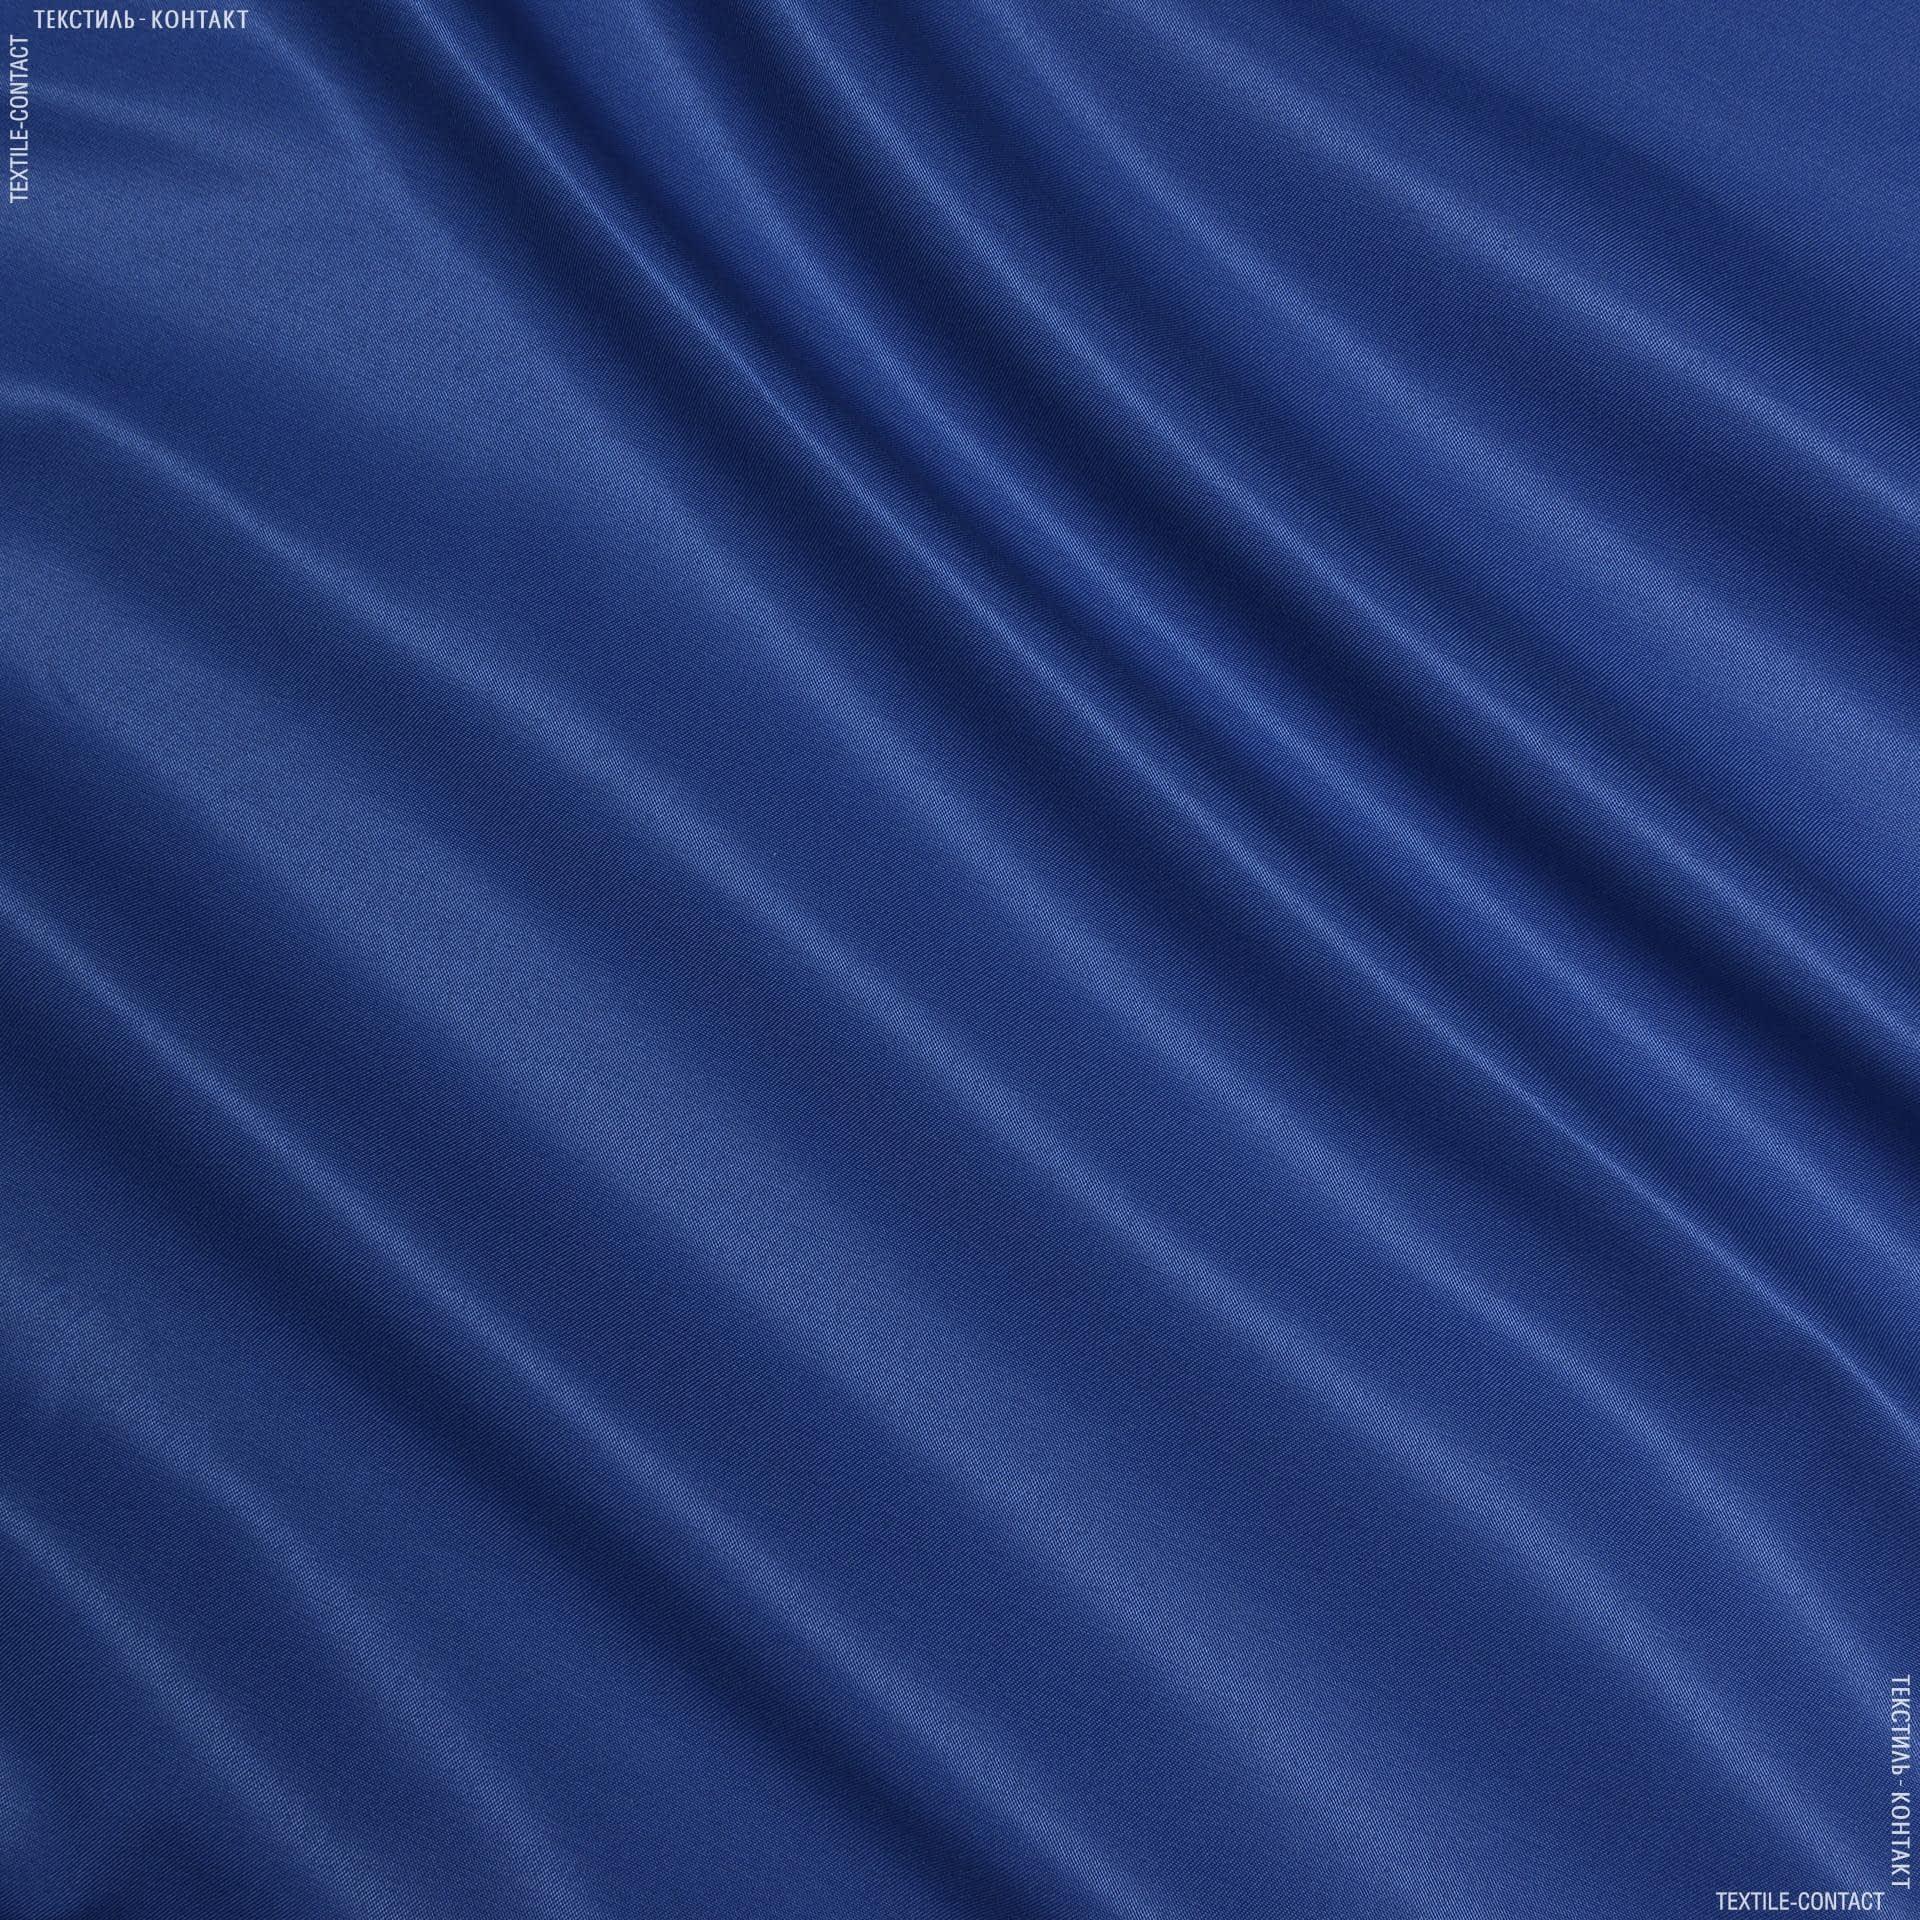 Ткани для спецодежды - Грета-2701 ВСТ  светло синий